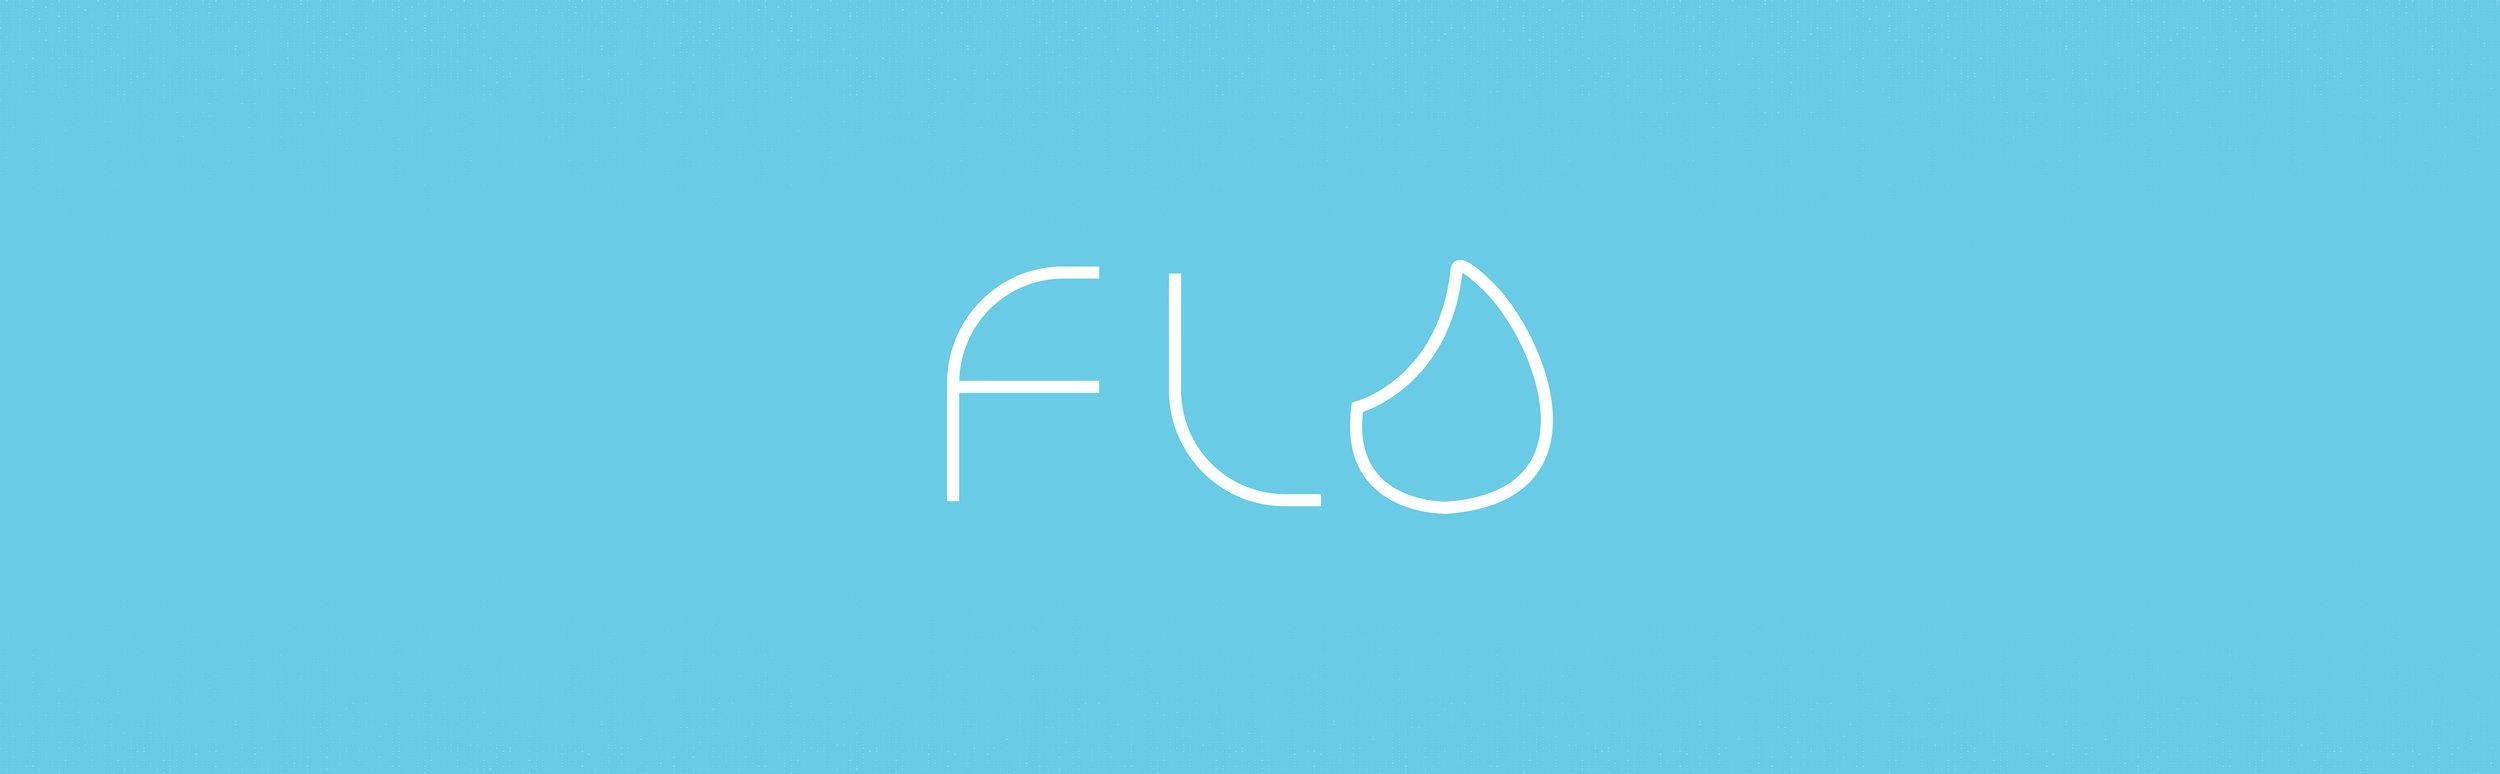 FLO(Explain)v2-02.jpg